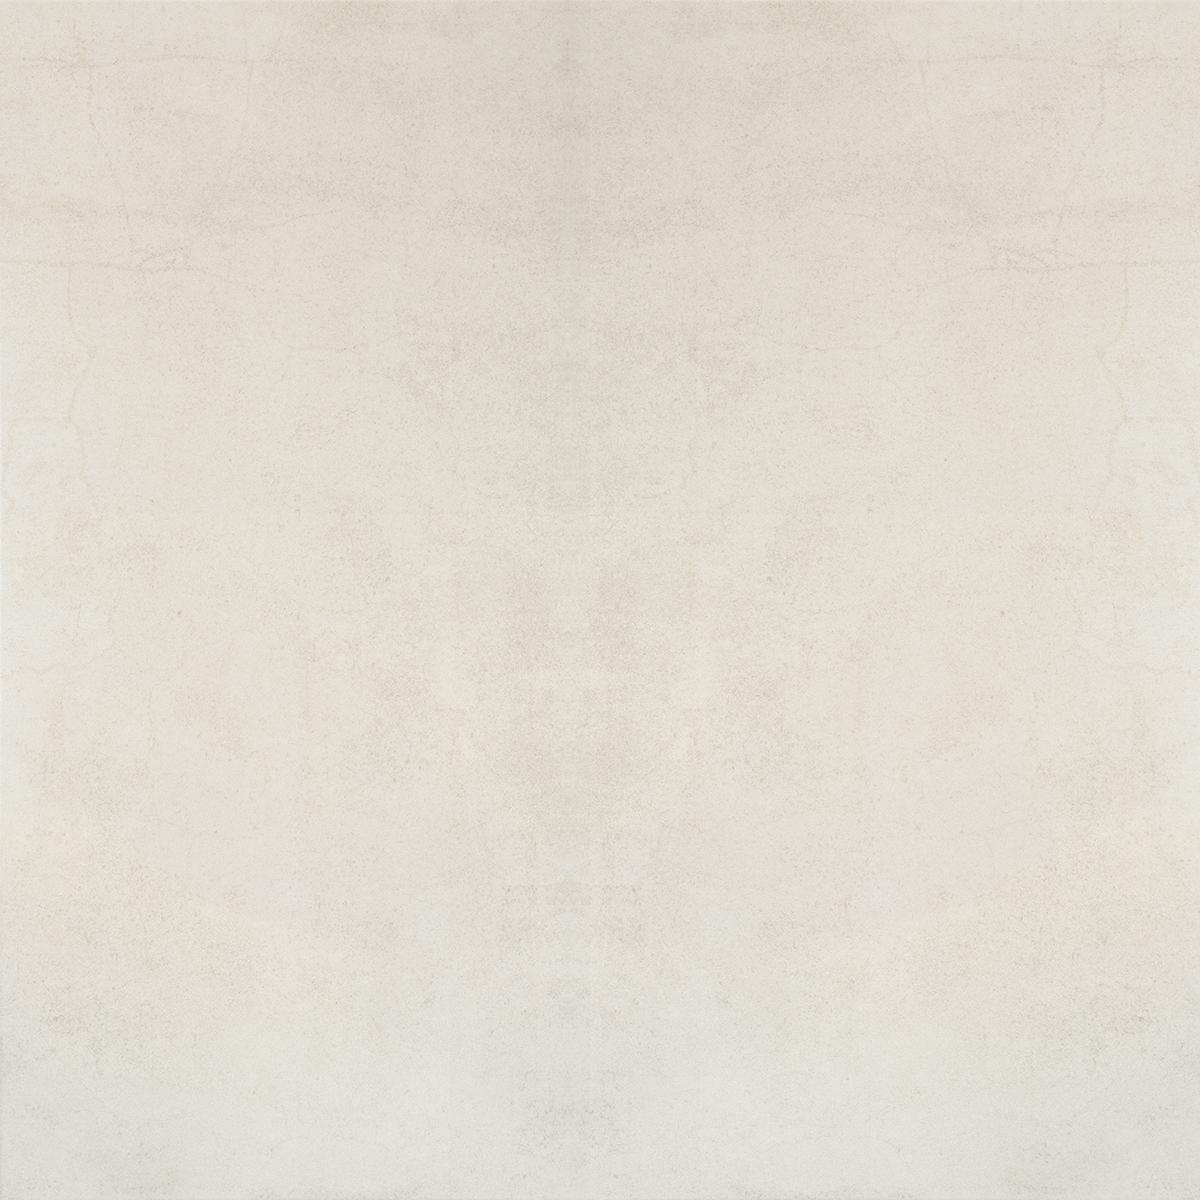 Atrium Crema 100 x 100